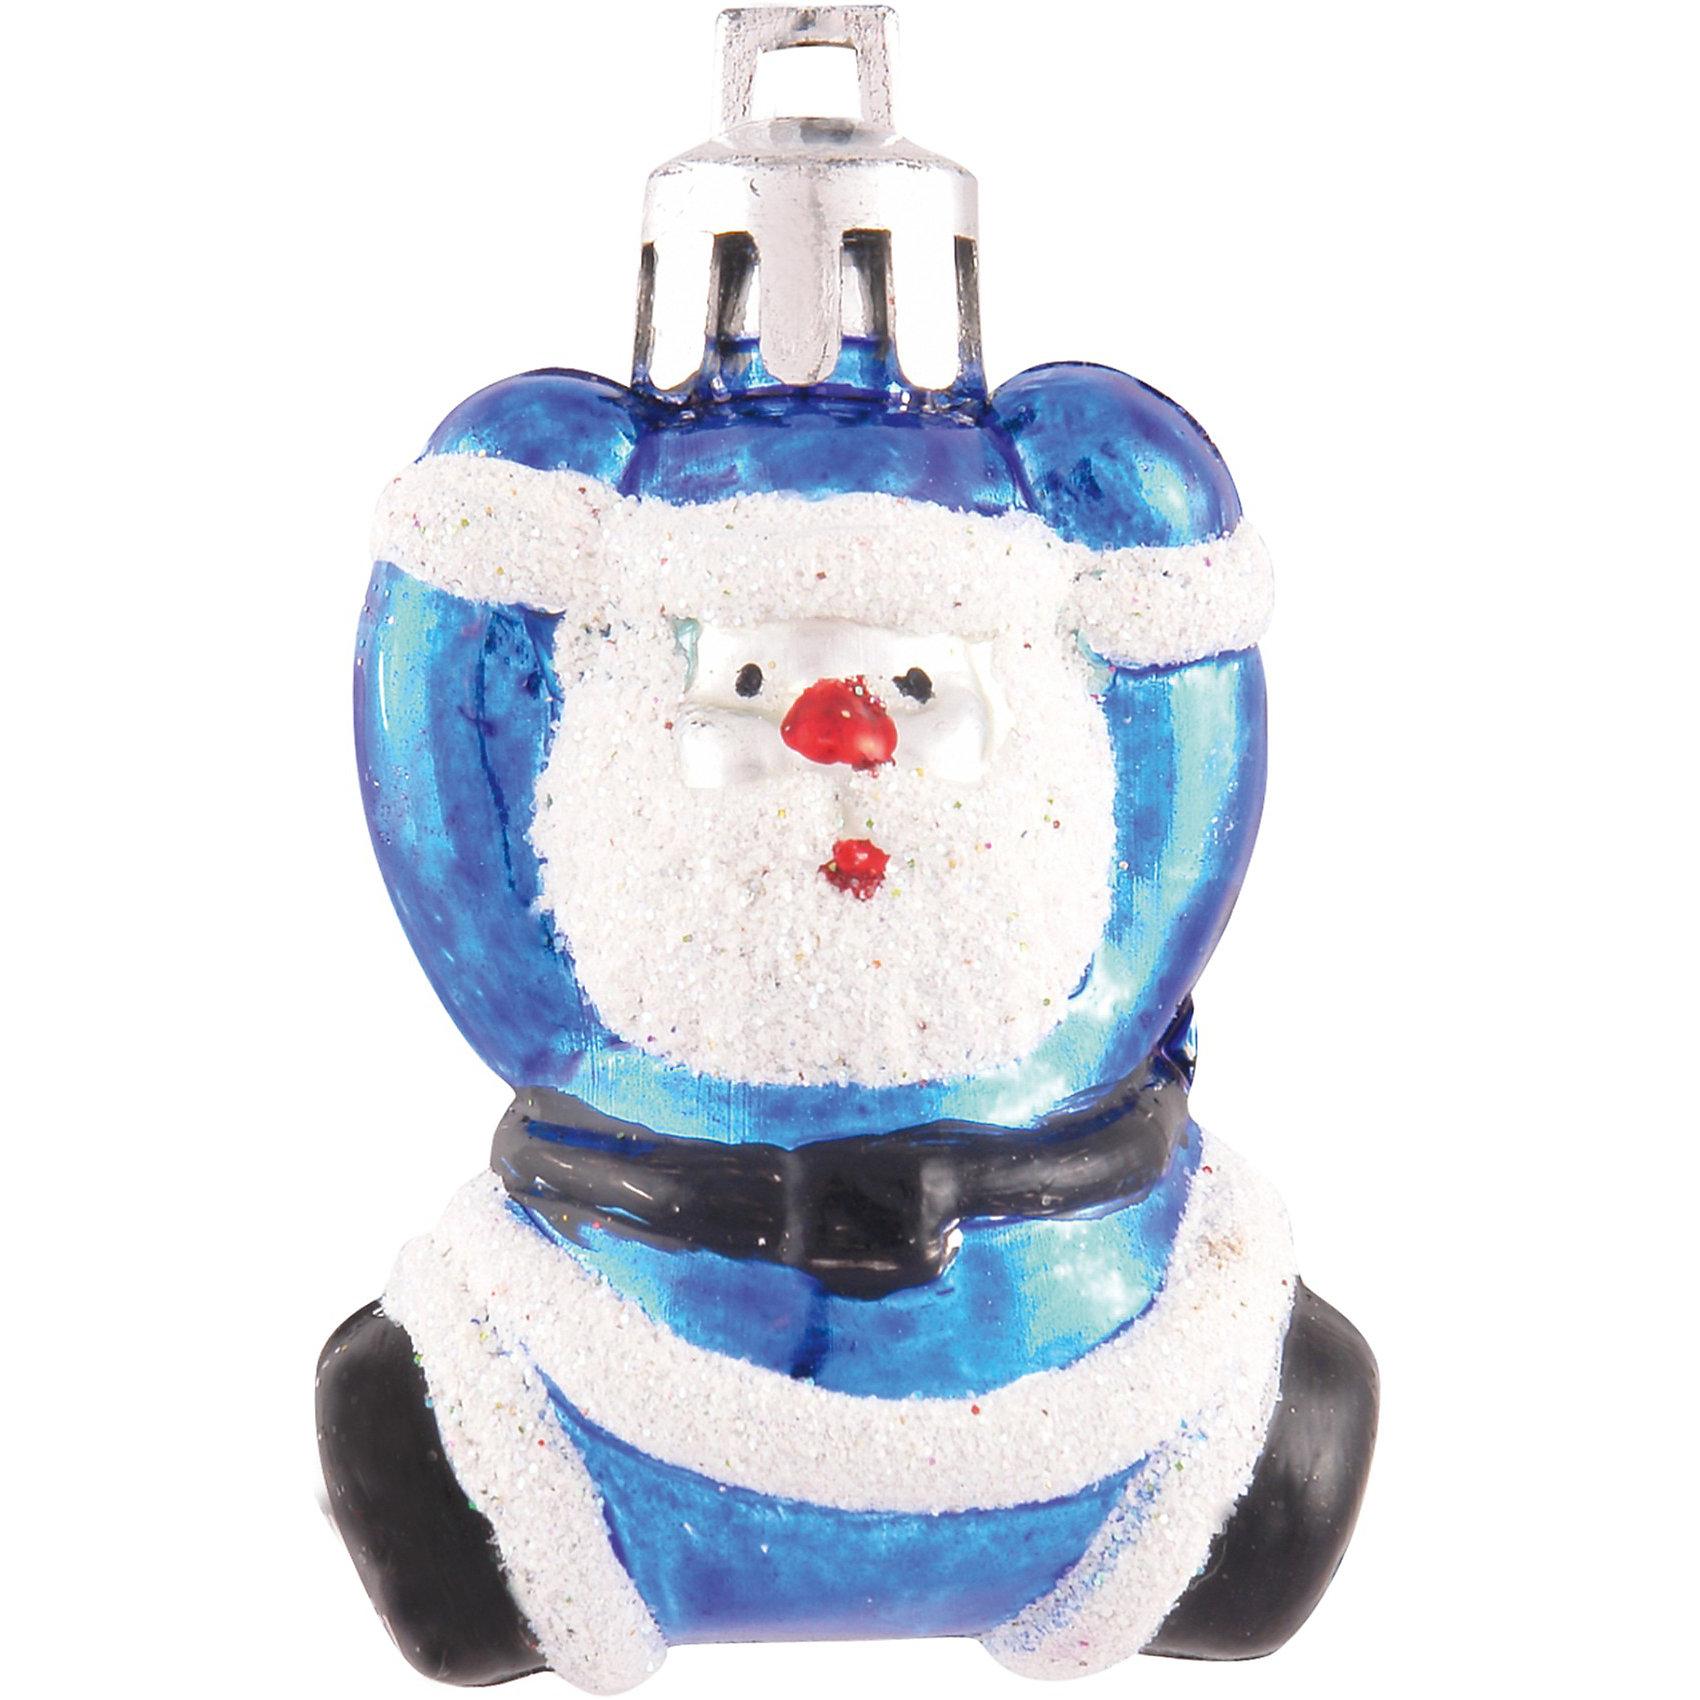 Елочное украшение «Веселый дед мороз», 5 см, 4 шт.Елочное украшение Веселый Дед Мороз, Волшебная страна замечательно дополнит наряд Вашей новогодней елки и поможет создать праздничную радостную атмосферу.<br>Украшение выполнено в виде фигурки Деда Мороза, оно будет чудесно смотреться на елке и радовать детей и взрослых. Игрушки упакованы в прозрачную коробочку из ПВХ.<br><br>Дополнительная информация:<br><br>- Цвет: синий.<br>- В комплекте: 4 шт.<br>- Размер украшения: 5 см.<br>- Размер упаковки: 5,3 x 2,8 x 5,8 см.<br>- Вес: 35 гр.<br><br>Елочное украшение Веселый Дед Мороз, Волшебная страна можно купить в нашем интернет-магазине.<br><br>Ширина мм: 280<br>Глубина мм: 30<br>Высота мм: 60<br>Вес г: 35<br>Возраст от месяцев: 60<br>Возраст до месяцев: 180<br>Пол: Унисекс<br>Возраст: Детский<br>SKU: 3791348